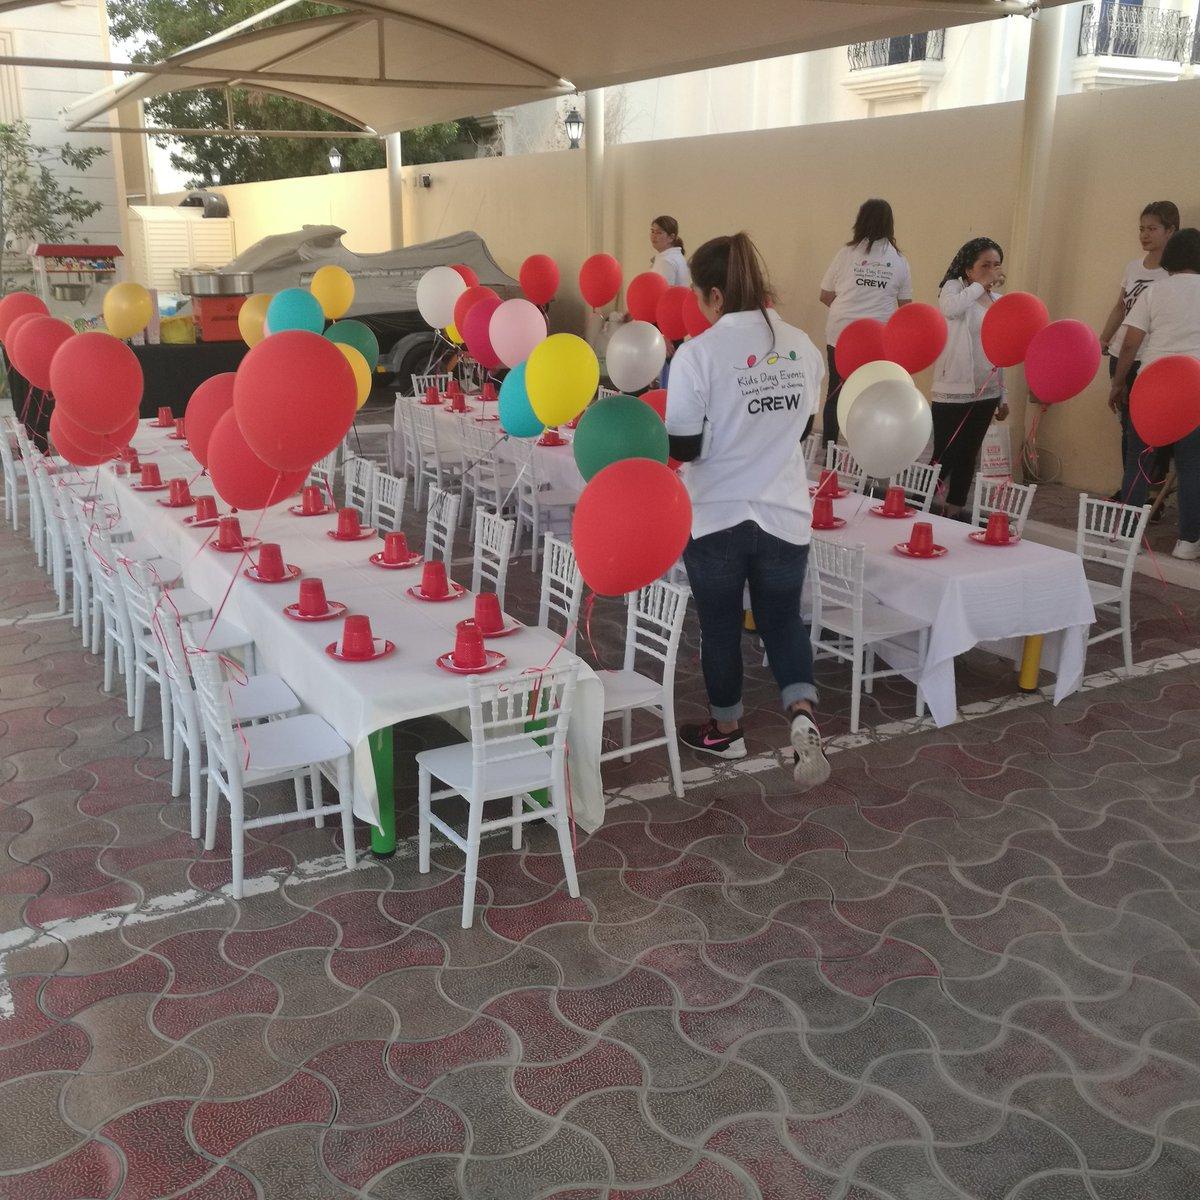 Kids Party Planner #AbuDhabi   #abudhabimums #birthdayparty #birthdaygirl #birthdayboy    #حفلات_اطفال #حفلات #اعياد_ميلاد #ابوظبي #امهات https://t.co/NYuxytJxBS